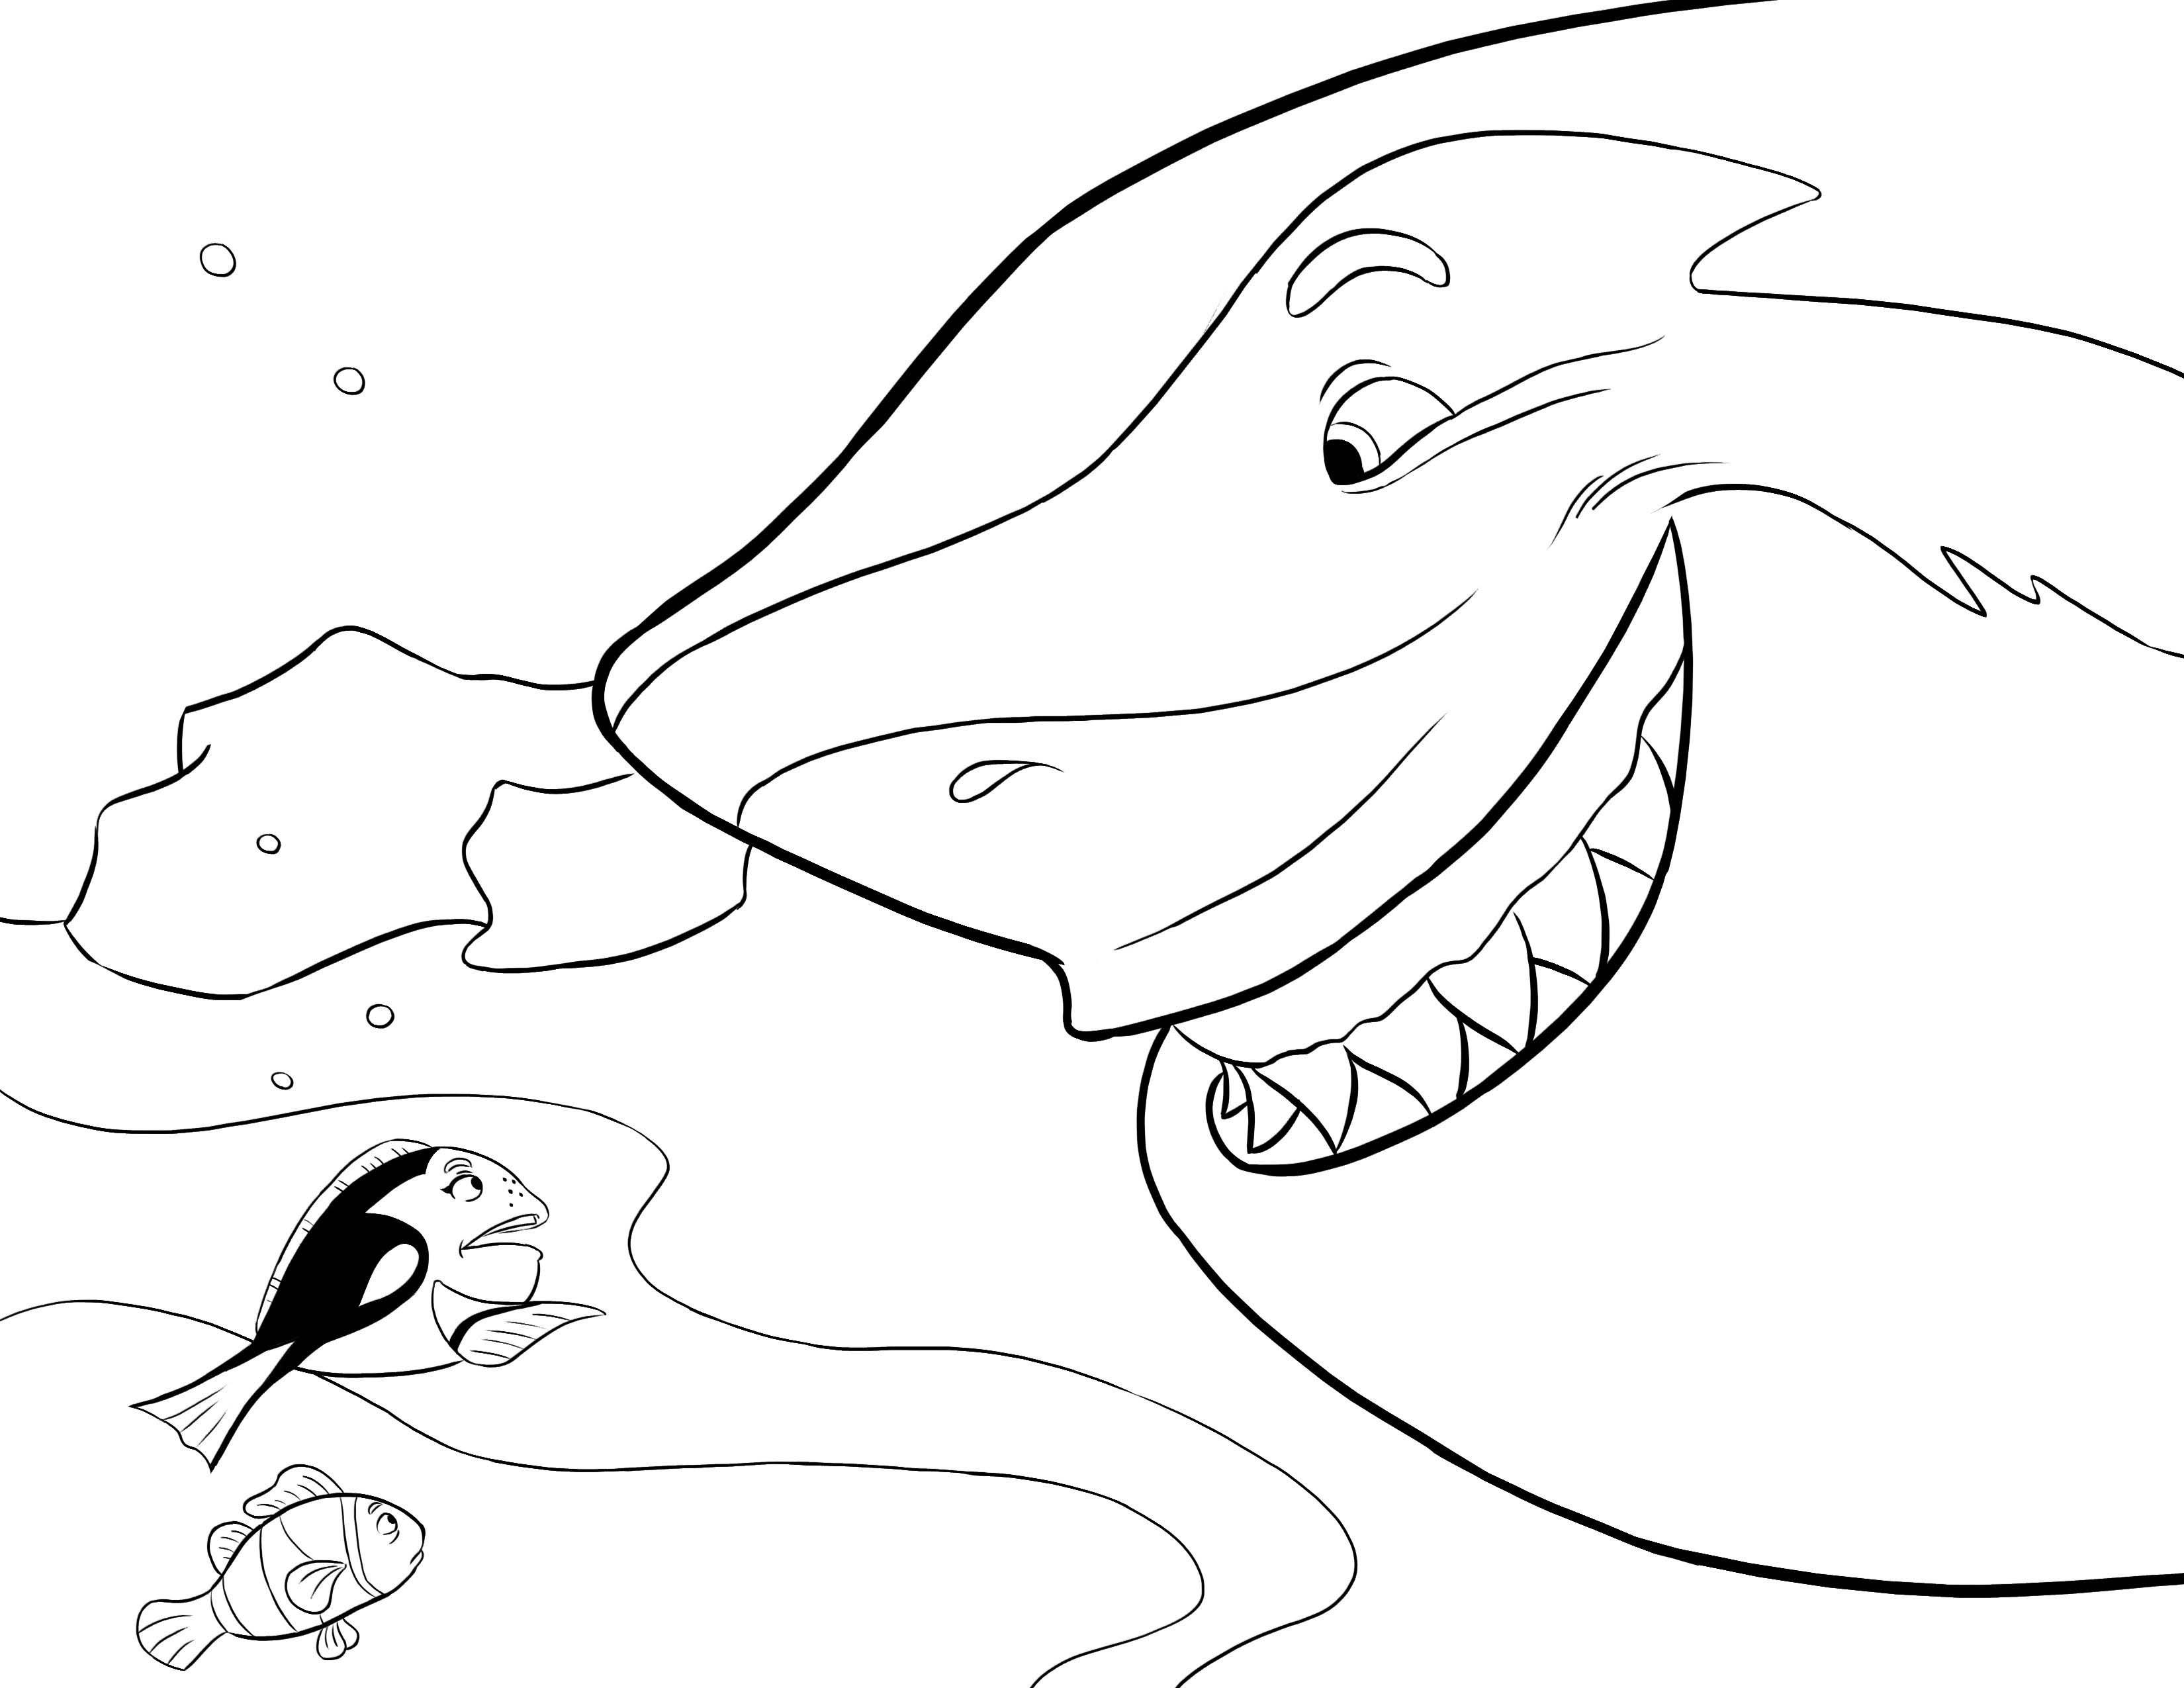 Desenho De Tubarão Atacando Nemo E Doris Para Colorir